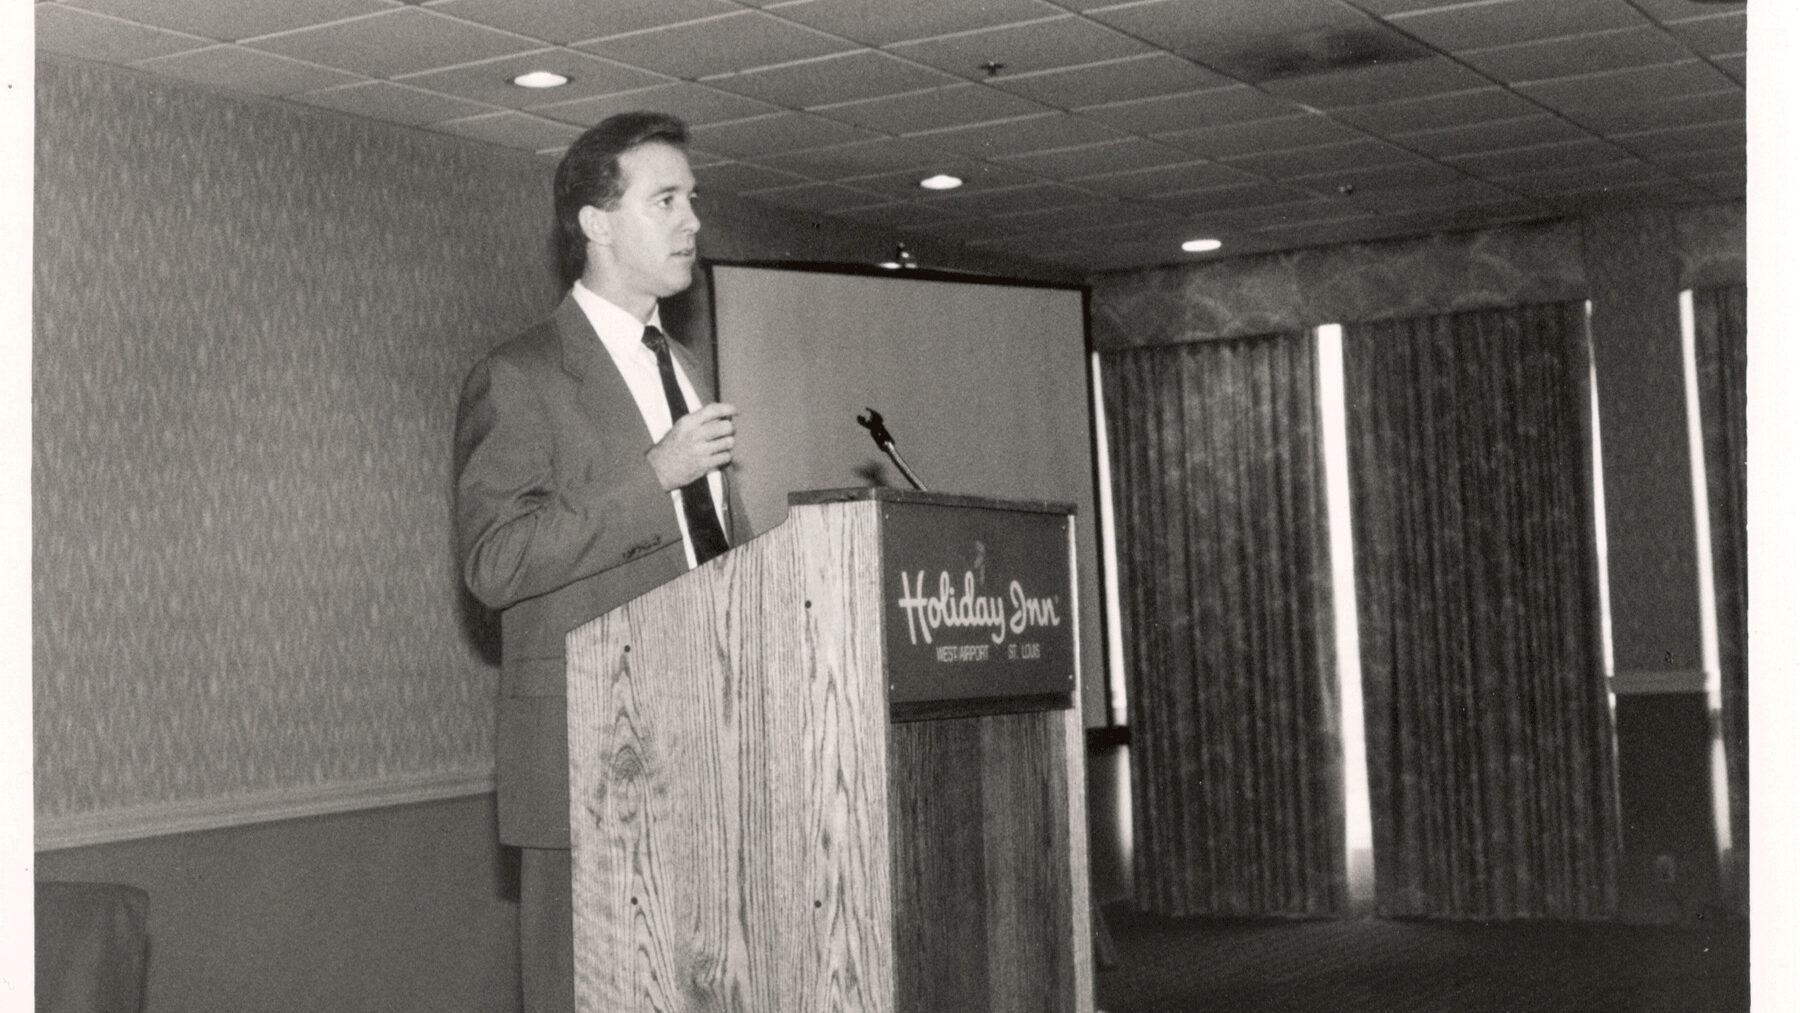 KDR Showrooms, Kevin Kenney giving presentation in 1993.